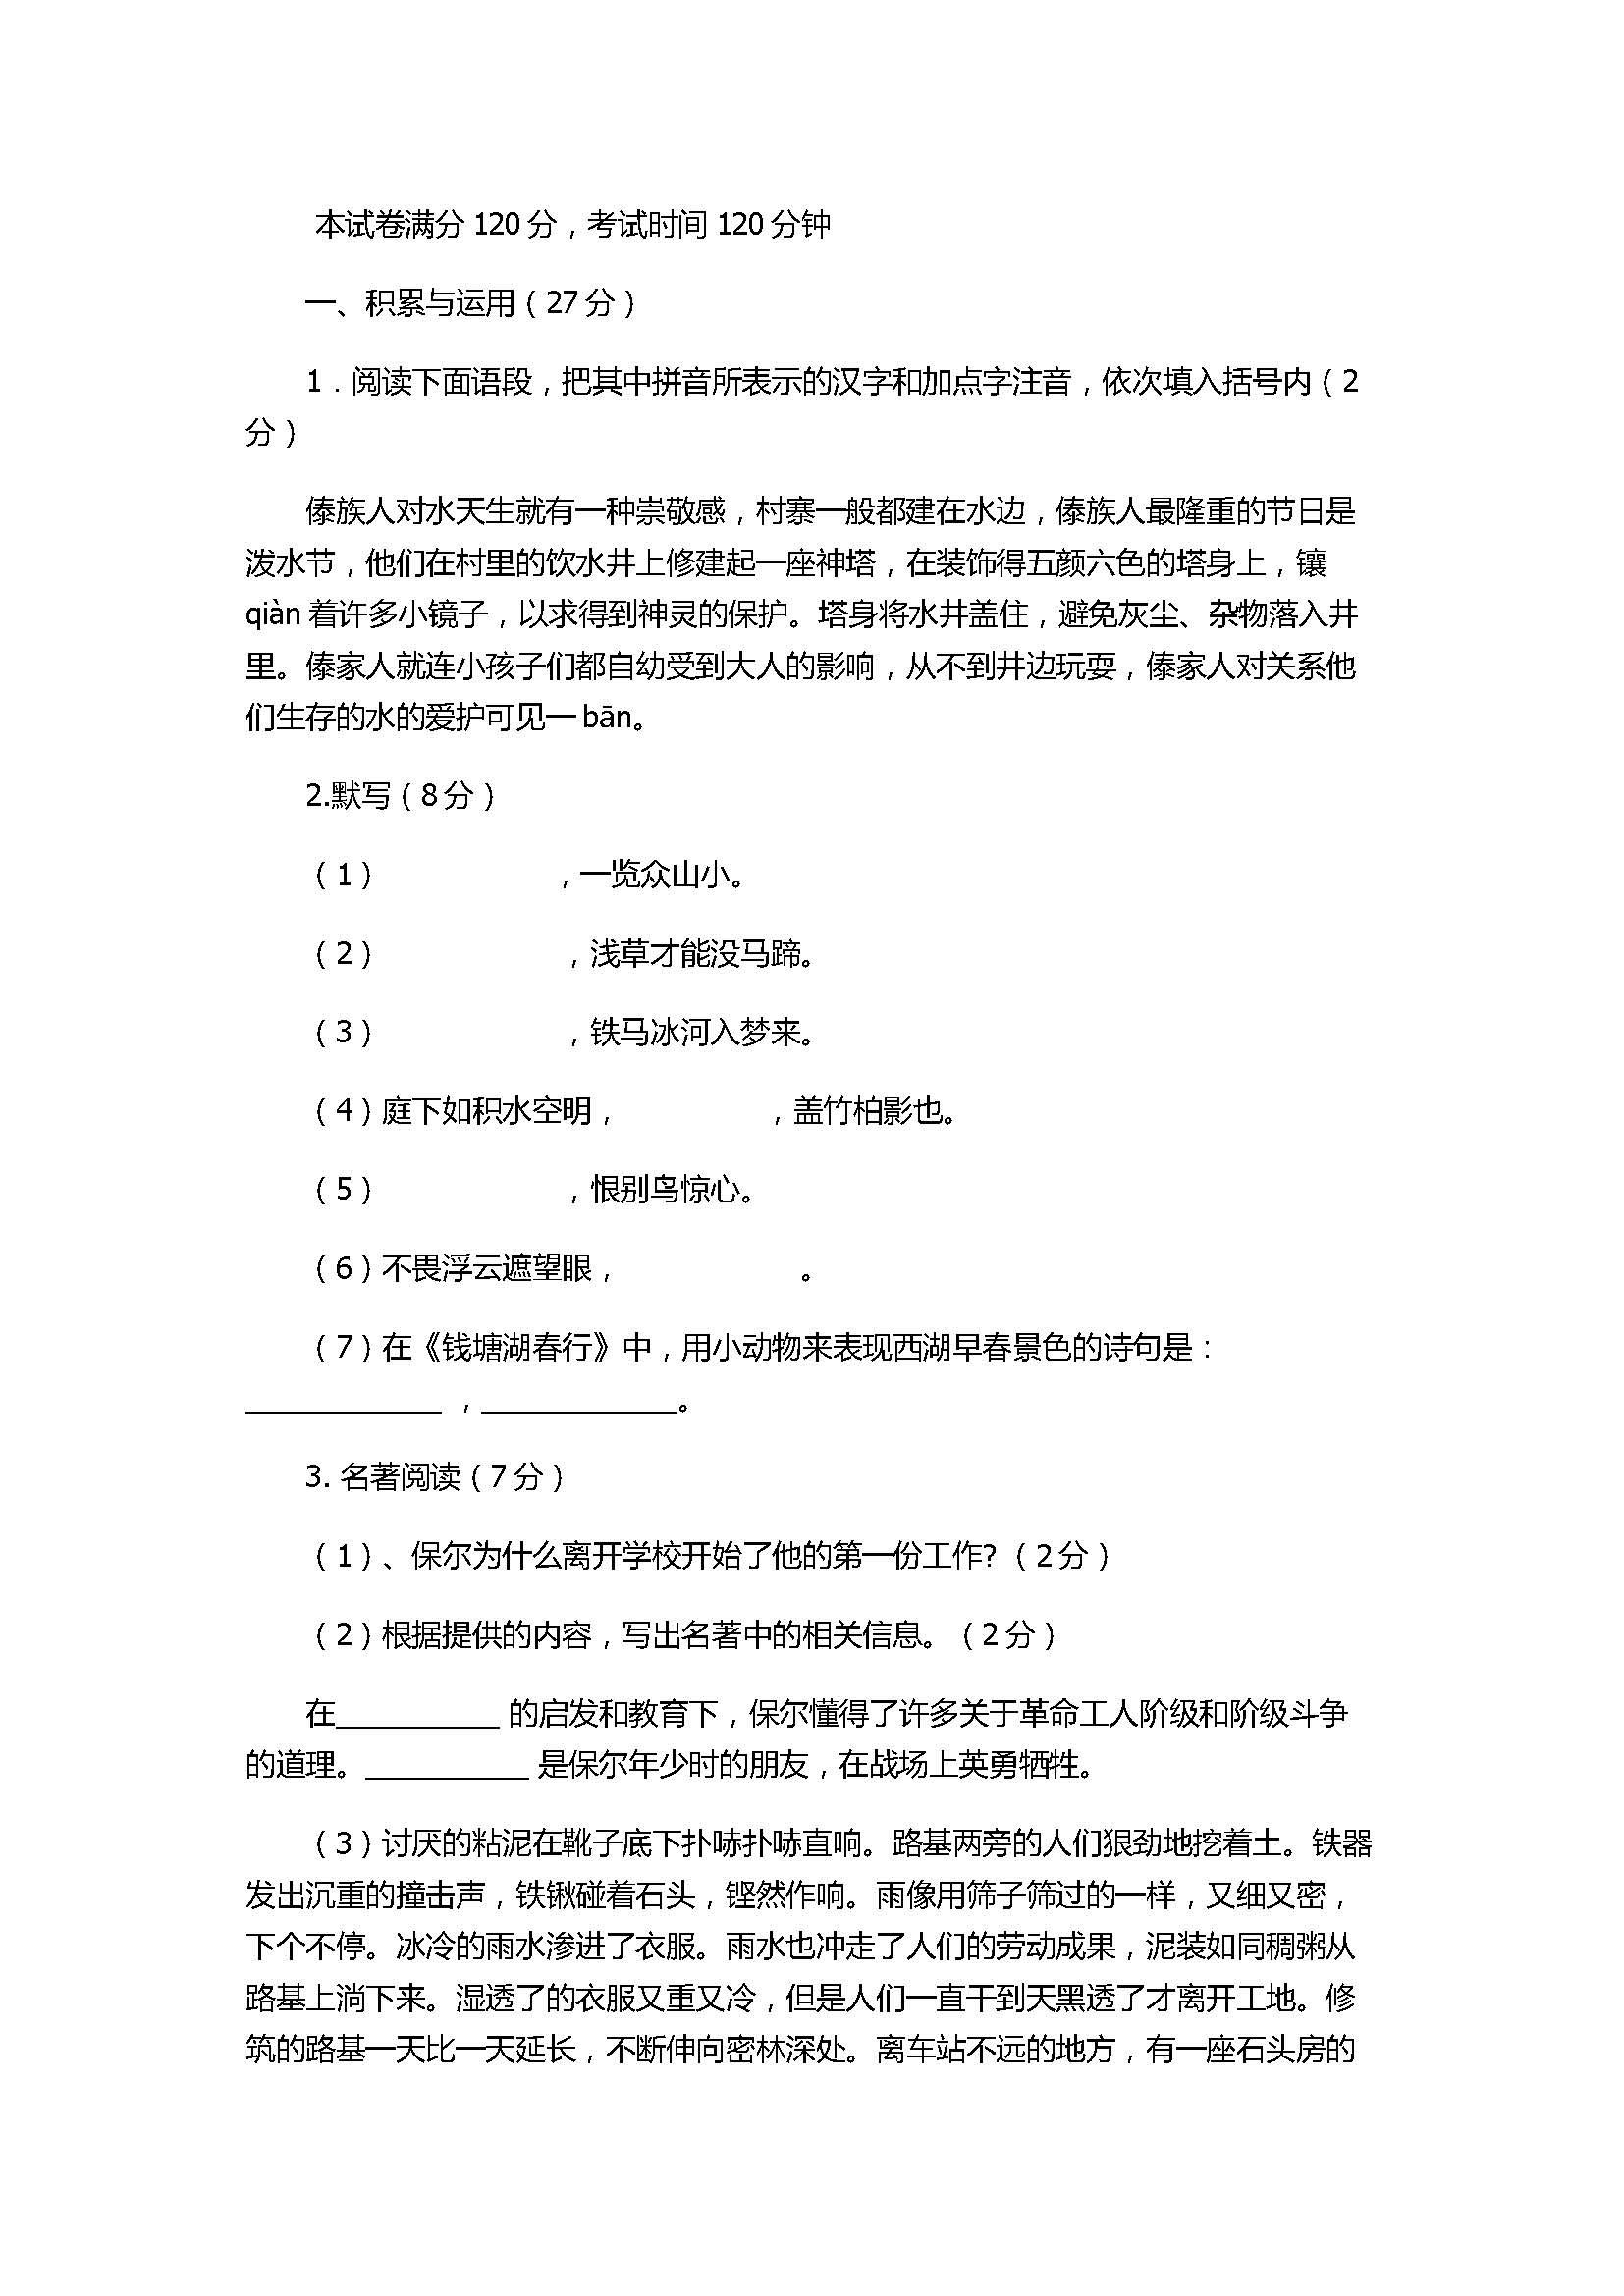 2017初二年级语文上册月考试卷含答案(江苏省镇江市京口区)